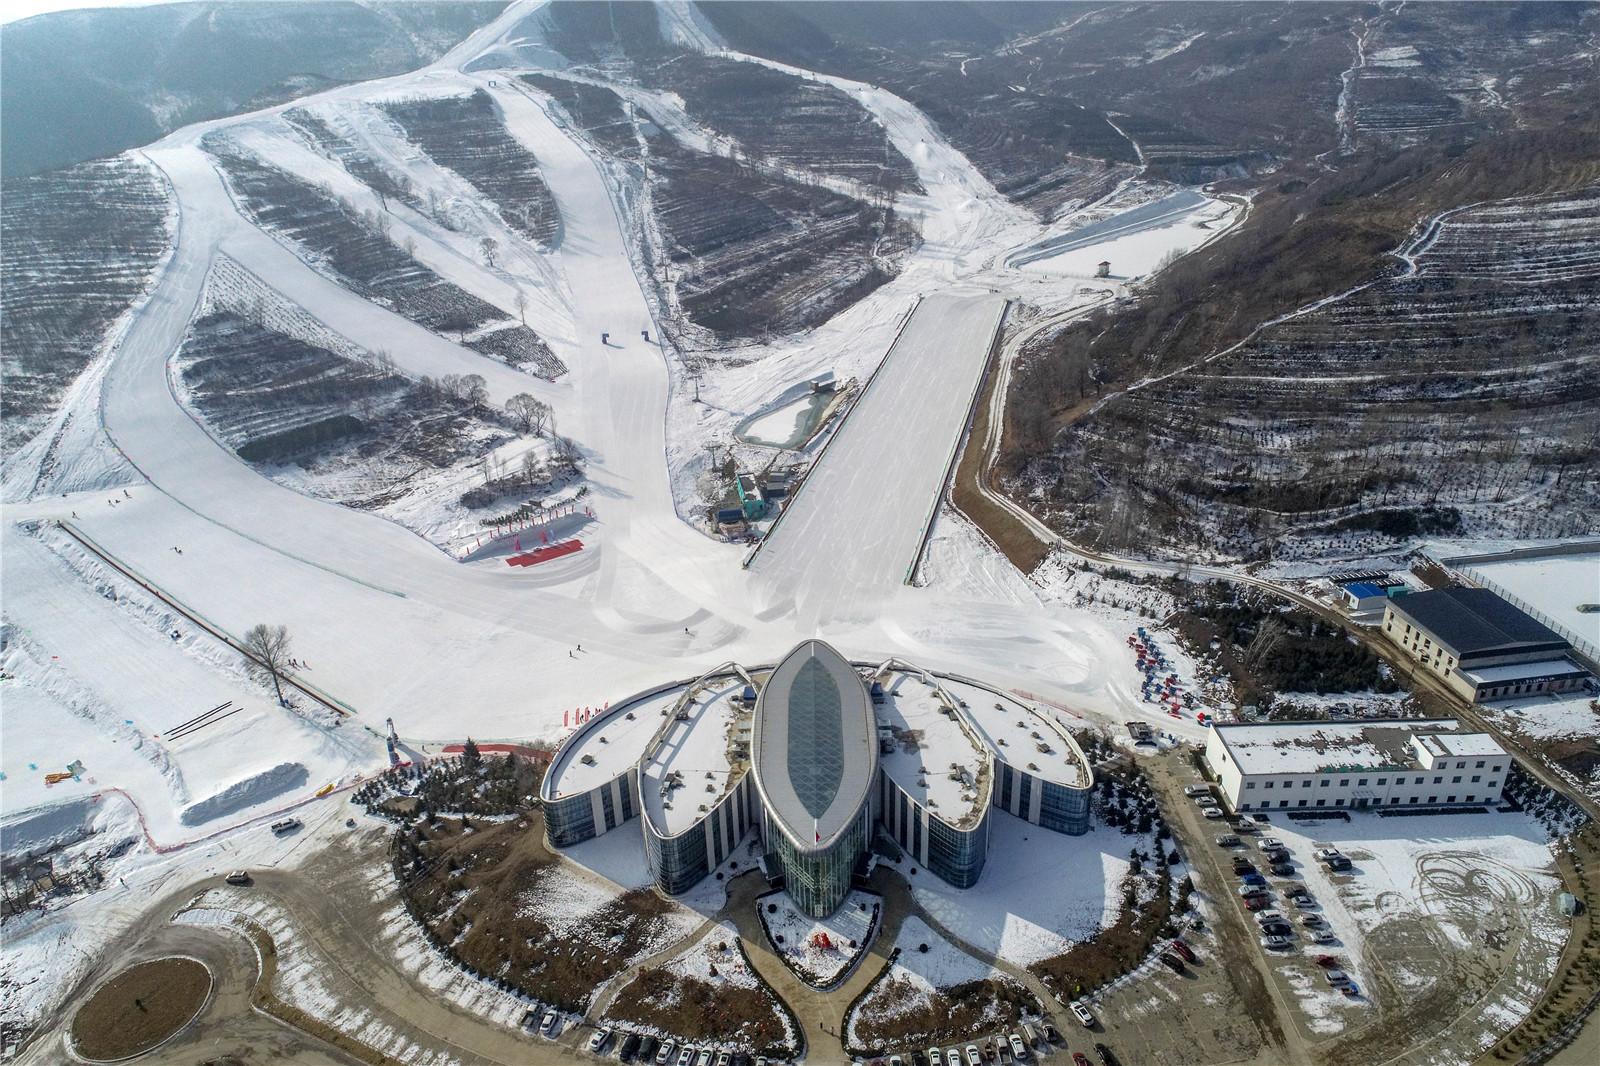 【网络述年】享受冰雪运动,体验速度与激情!这个春节泾源喊你去滑雪